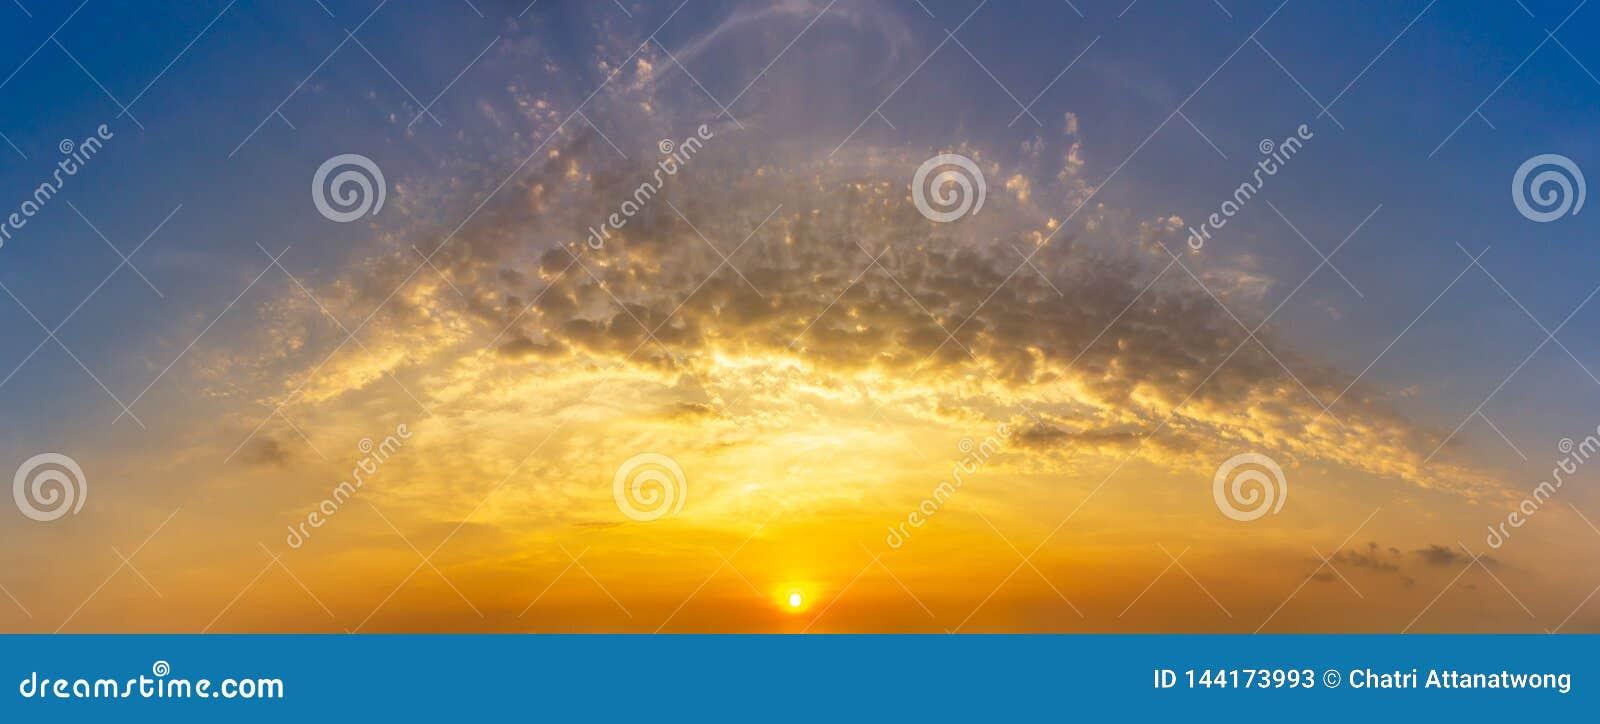 早晨日出天空和云彩自然背景的全景图片